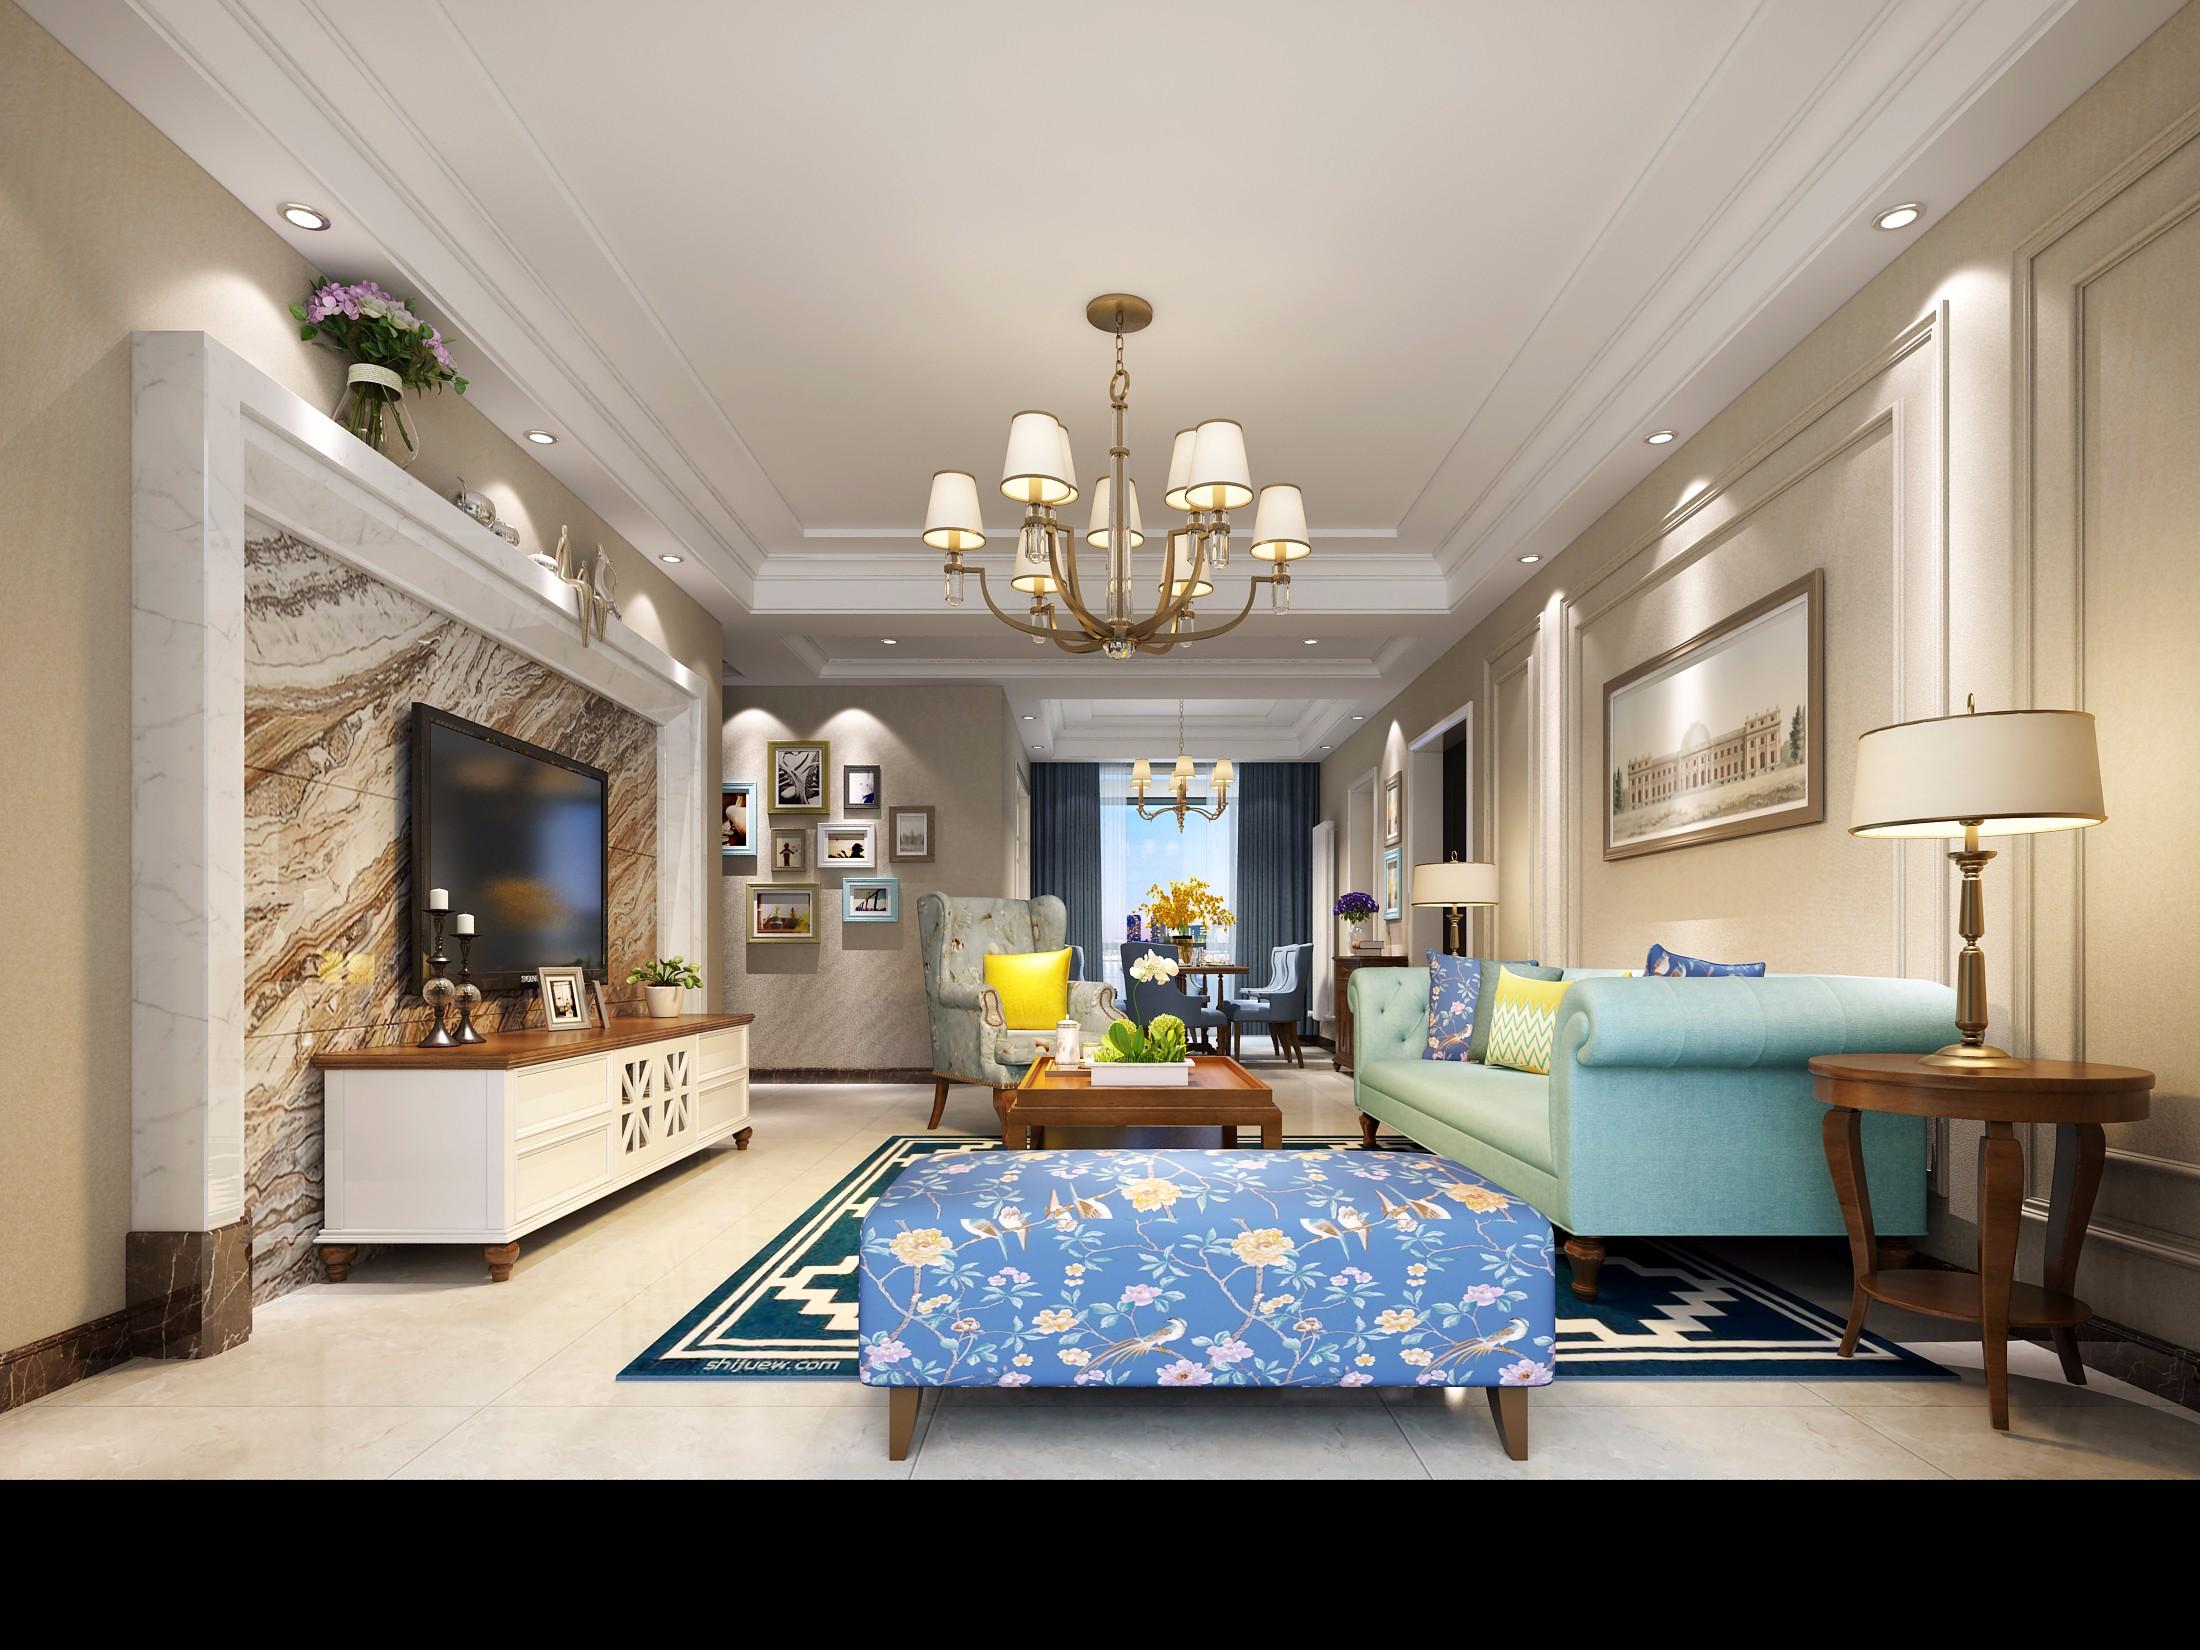 客厅- 效果图交流区-建e室内设计网